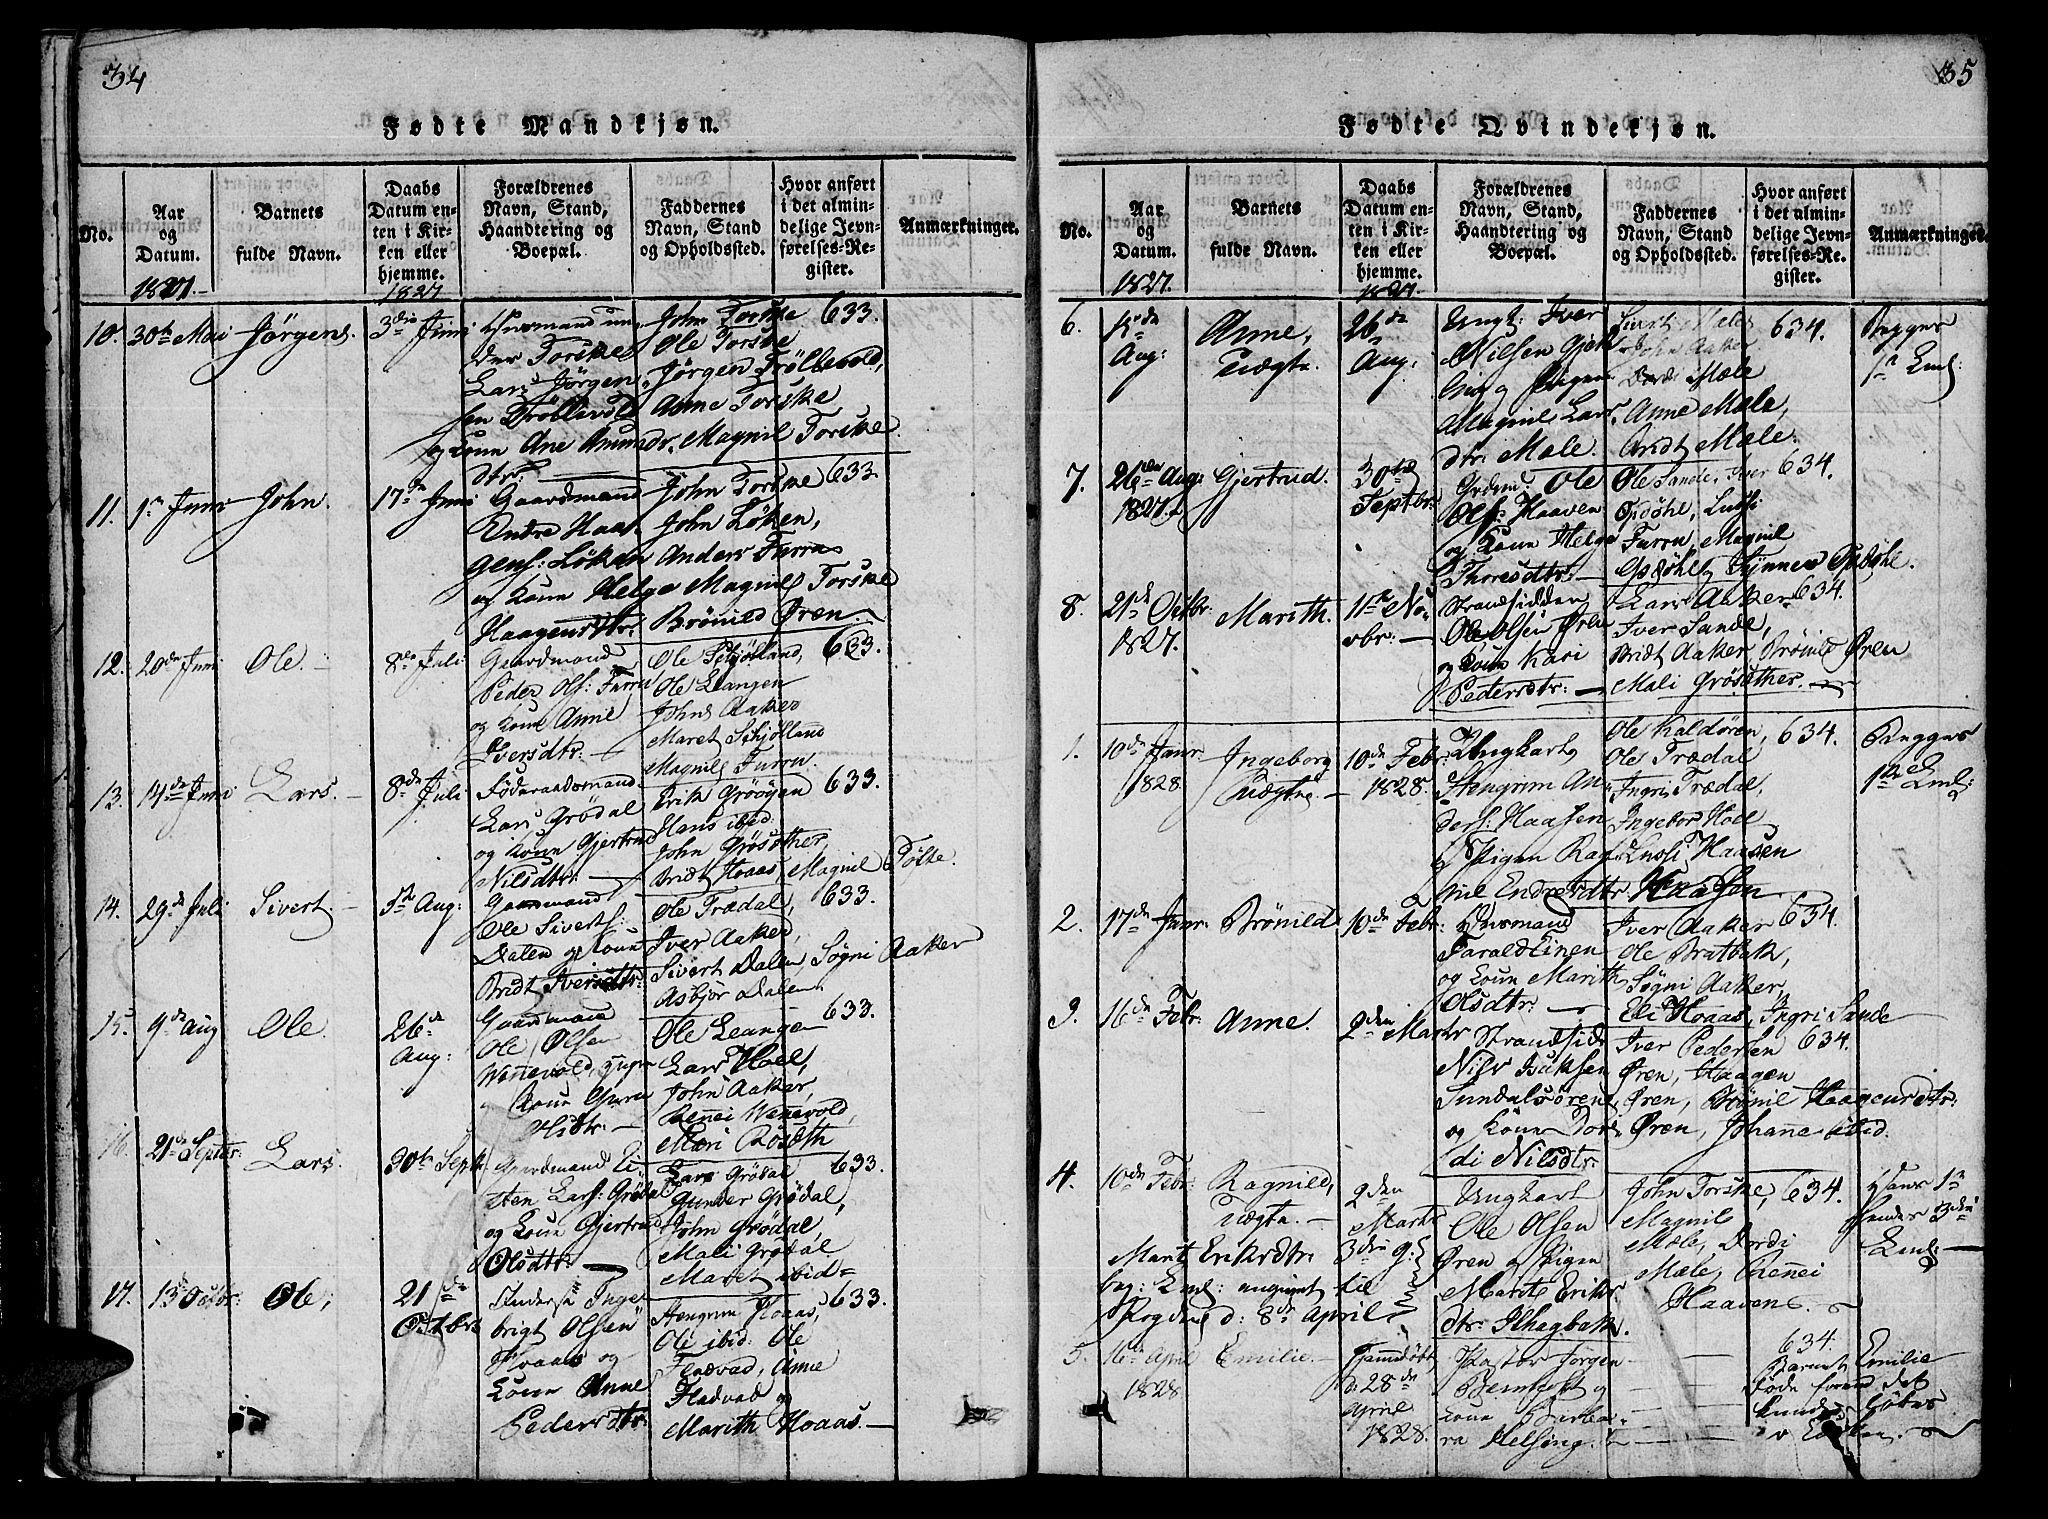 SAT, Ministerialprotokoller, klokkerbøker og fødselsregistre - Møre og Romsdal, 590/L1009: Ministerialbok nr. 590A03 /1, 1819-1832, s. 34-35